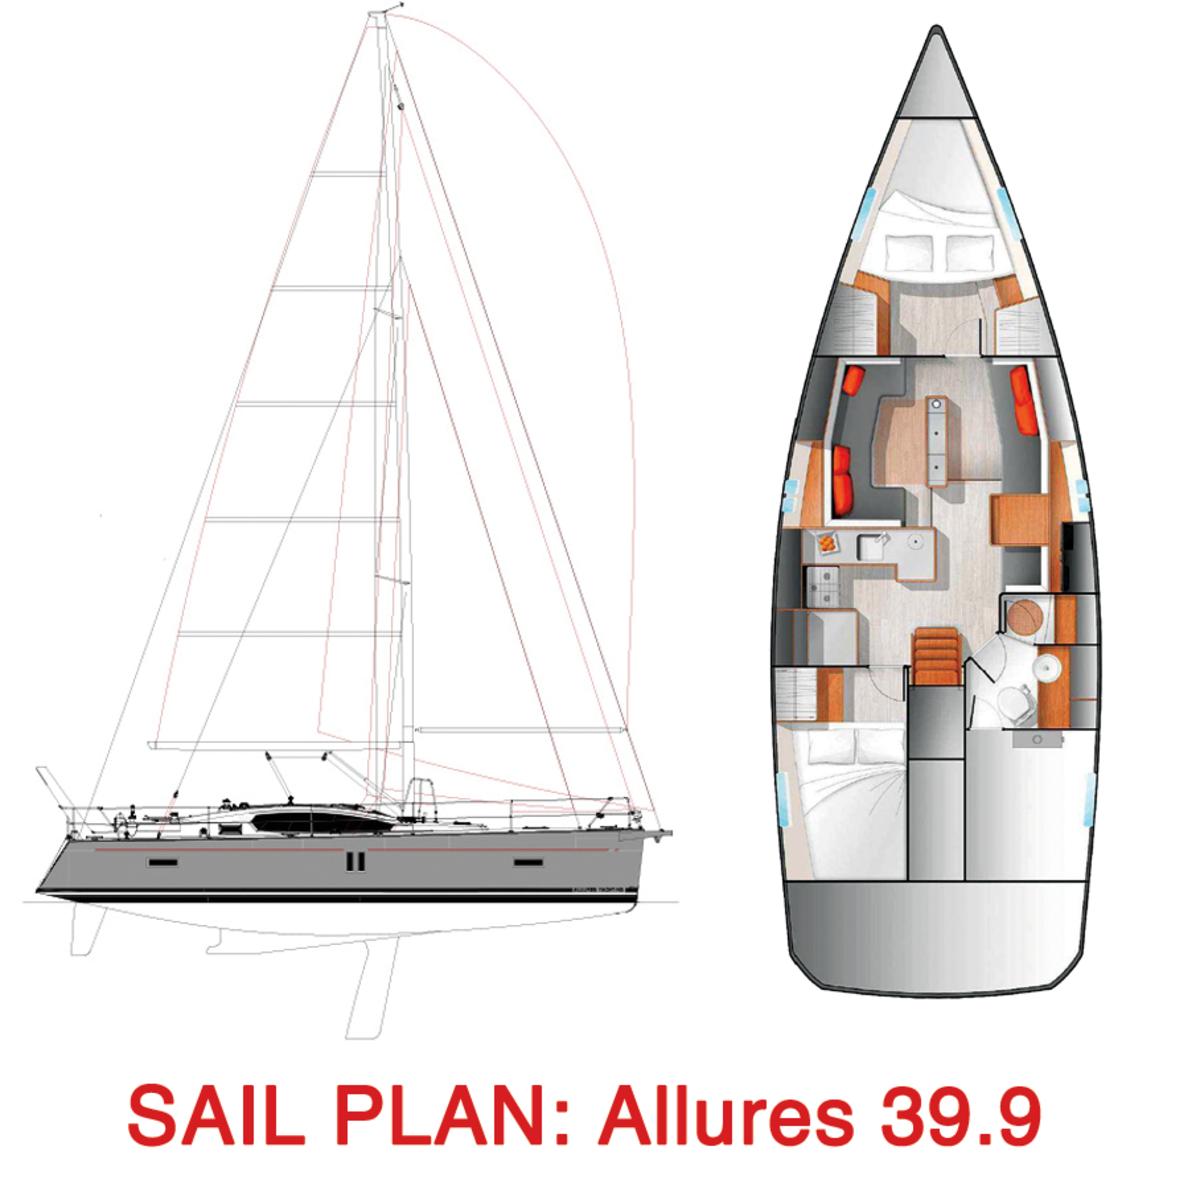 Allures399-Sailplan-01